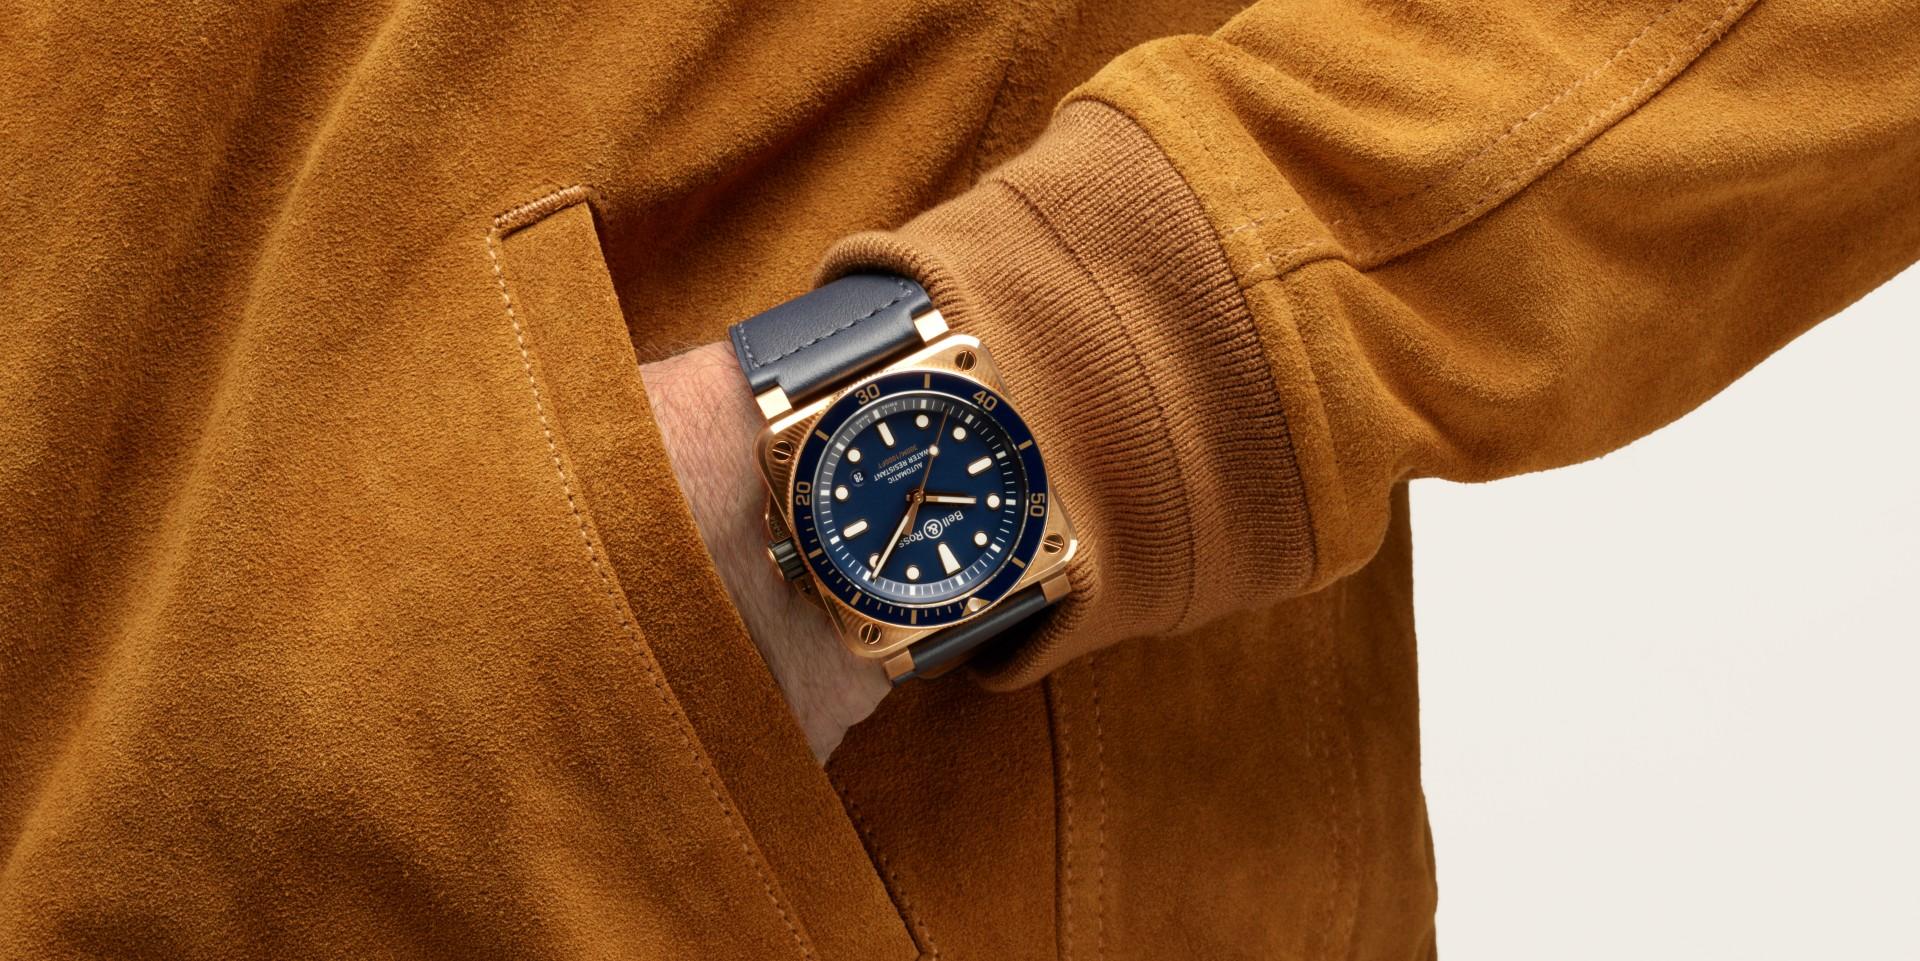 【2020線上錶展】Bell & Ross發表獨一無二的 BR03-92 Diver Blue Bronze海軍藍色青銅版潛水腕錶